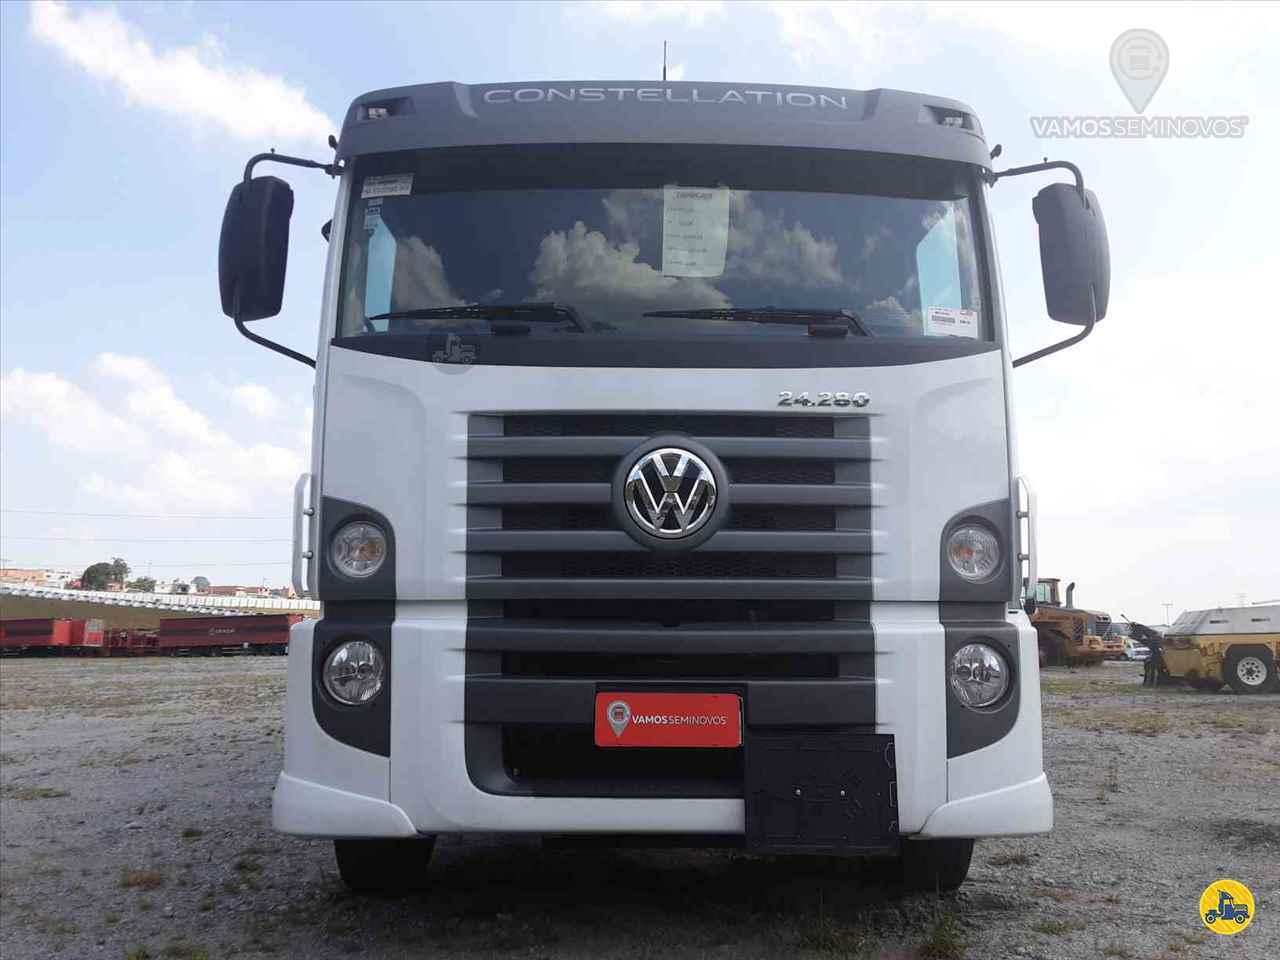 CAMINHAO VOLKSWAGEN VW 24280 Tanque Aço Truck 6x2 Vamos Seminovos - Goiânia GOIANIA GOIAS GO